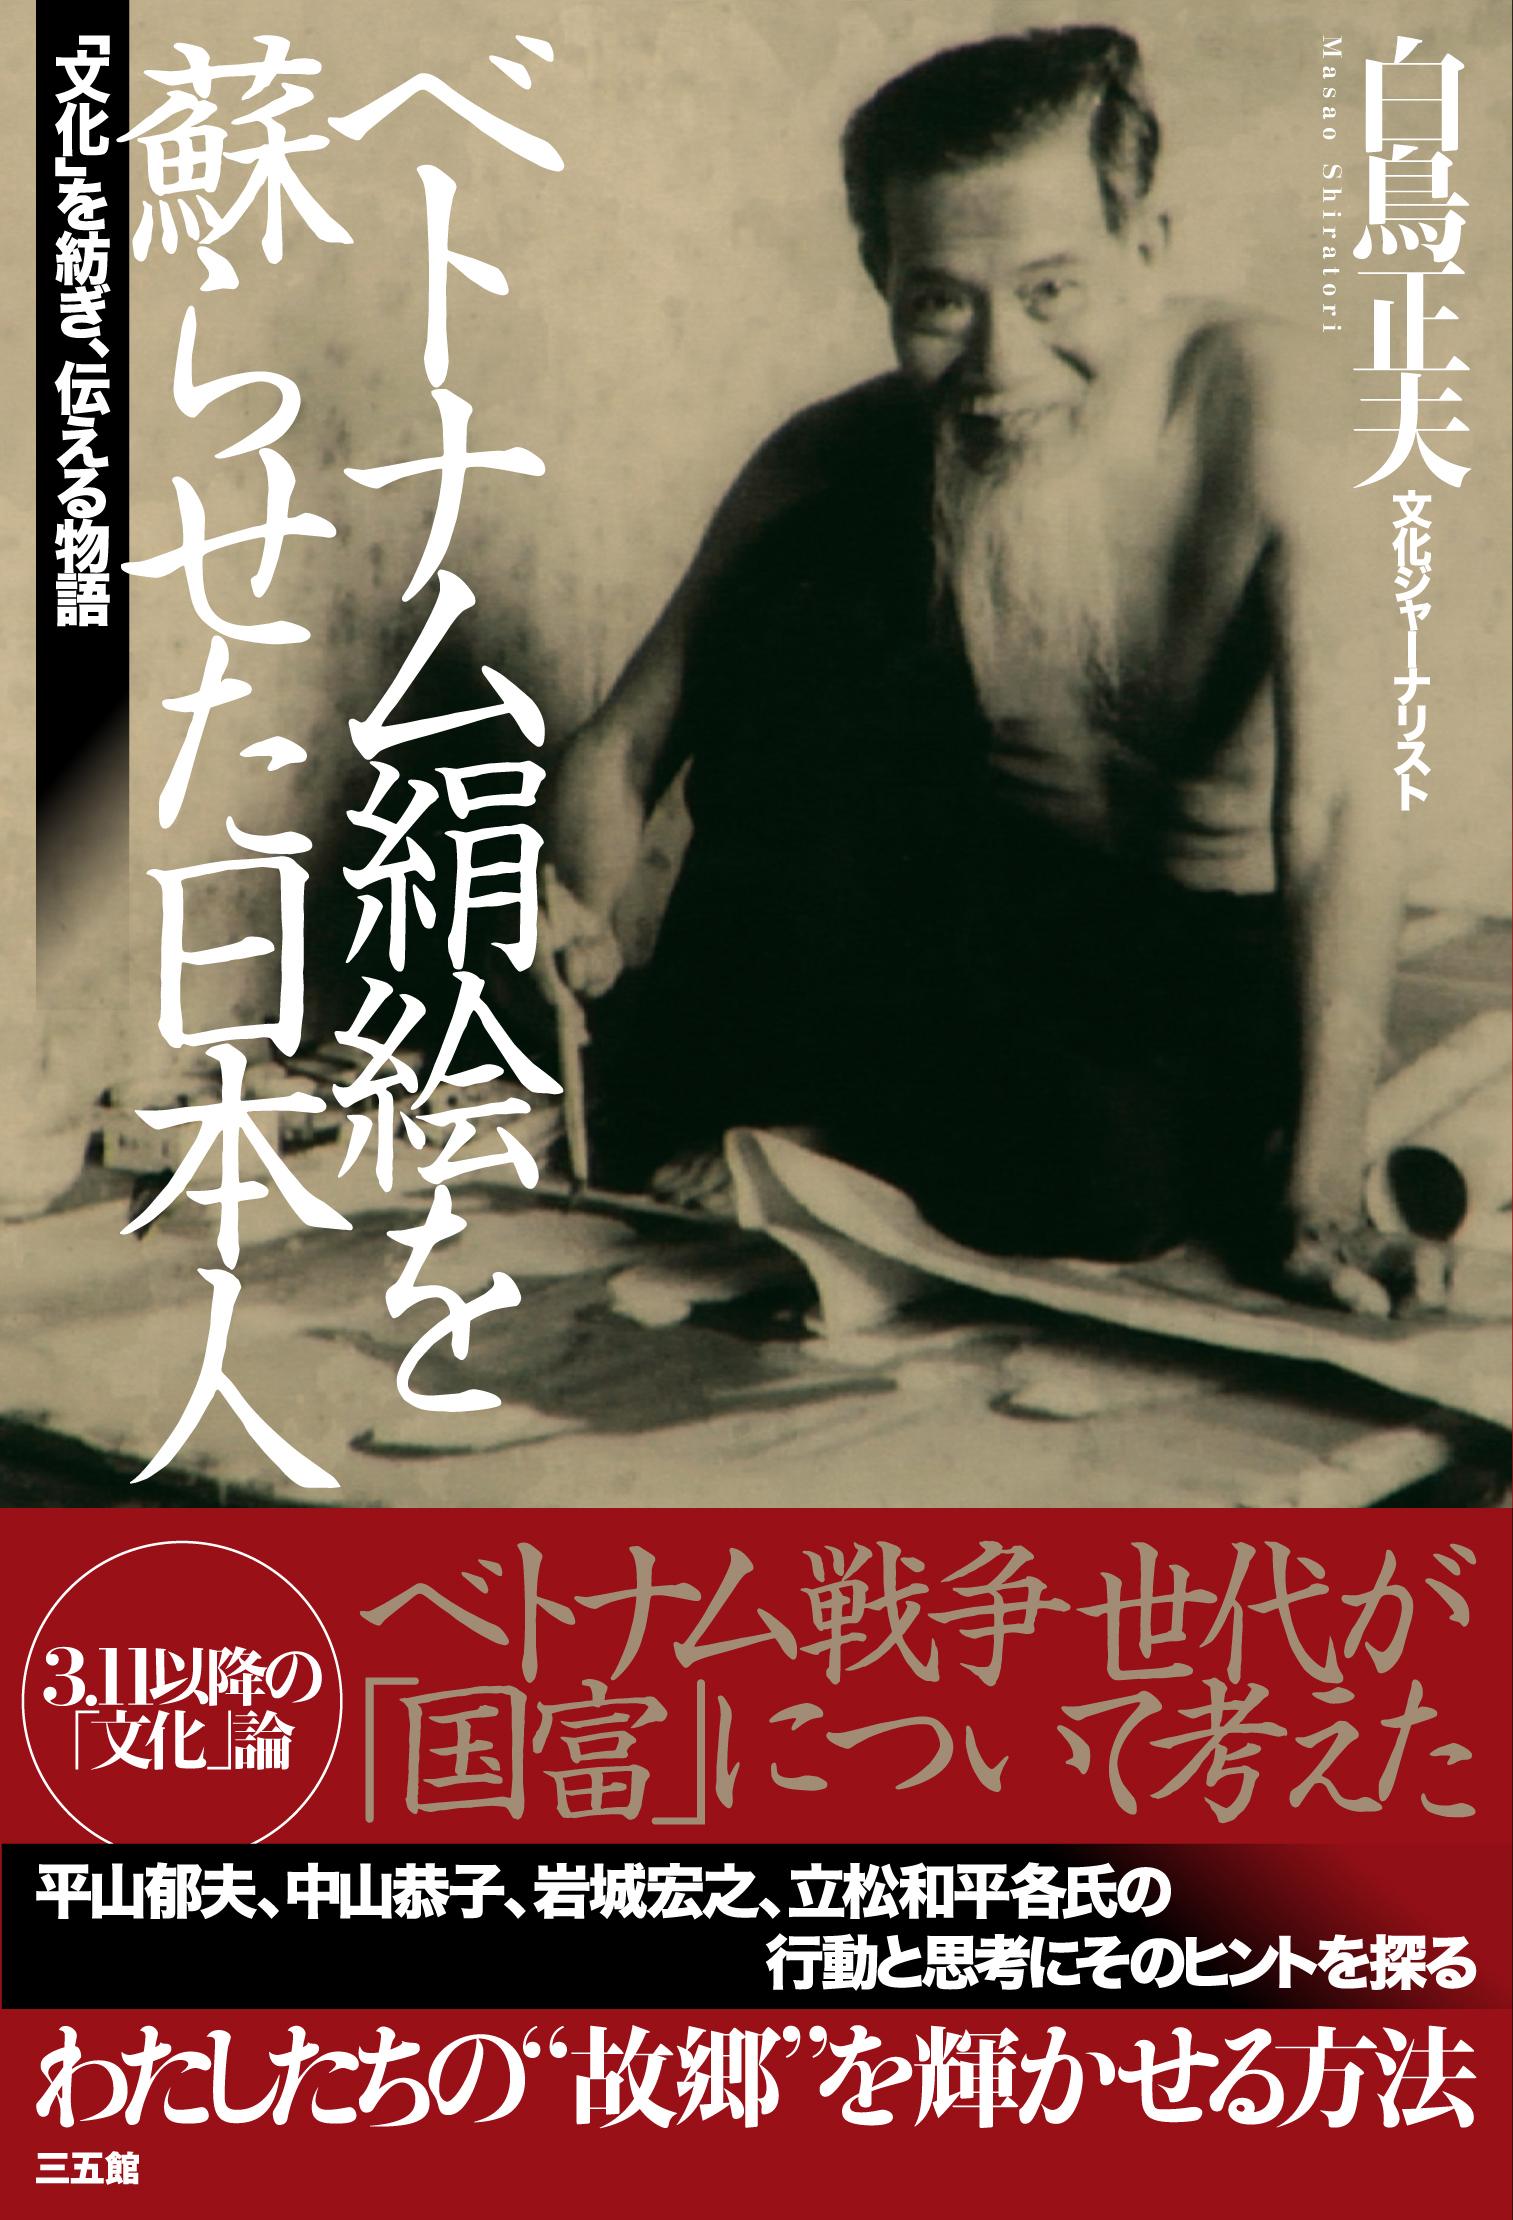 『ベトナム絹絵を蘇らせた日本人』の表紙